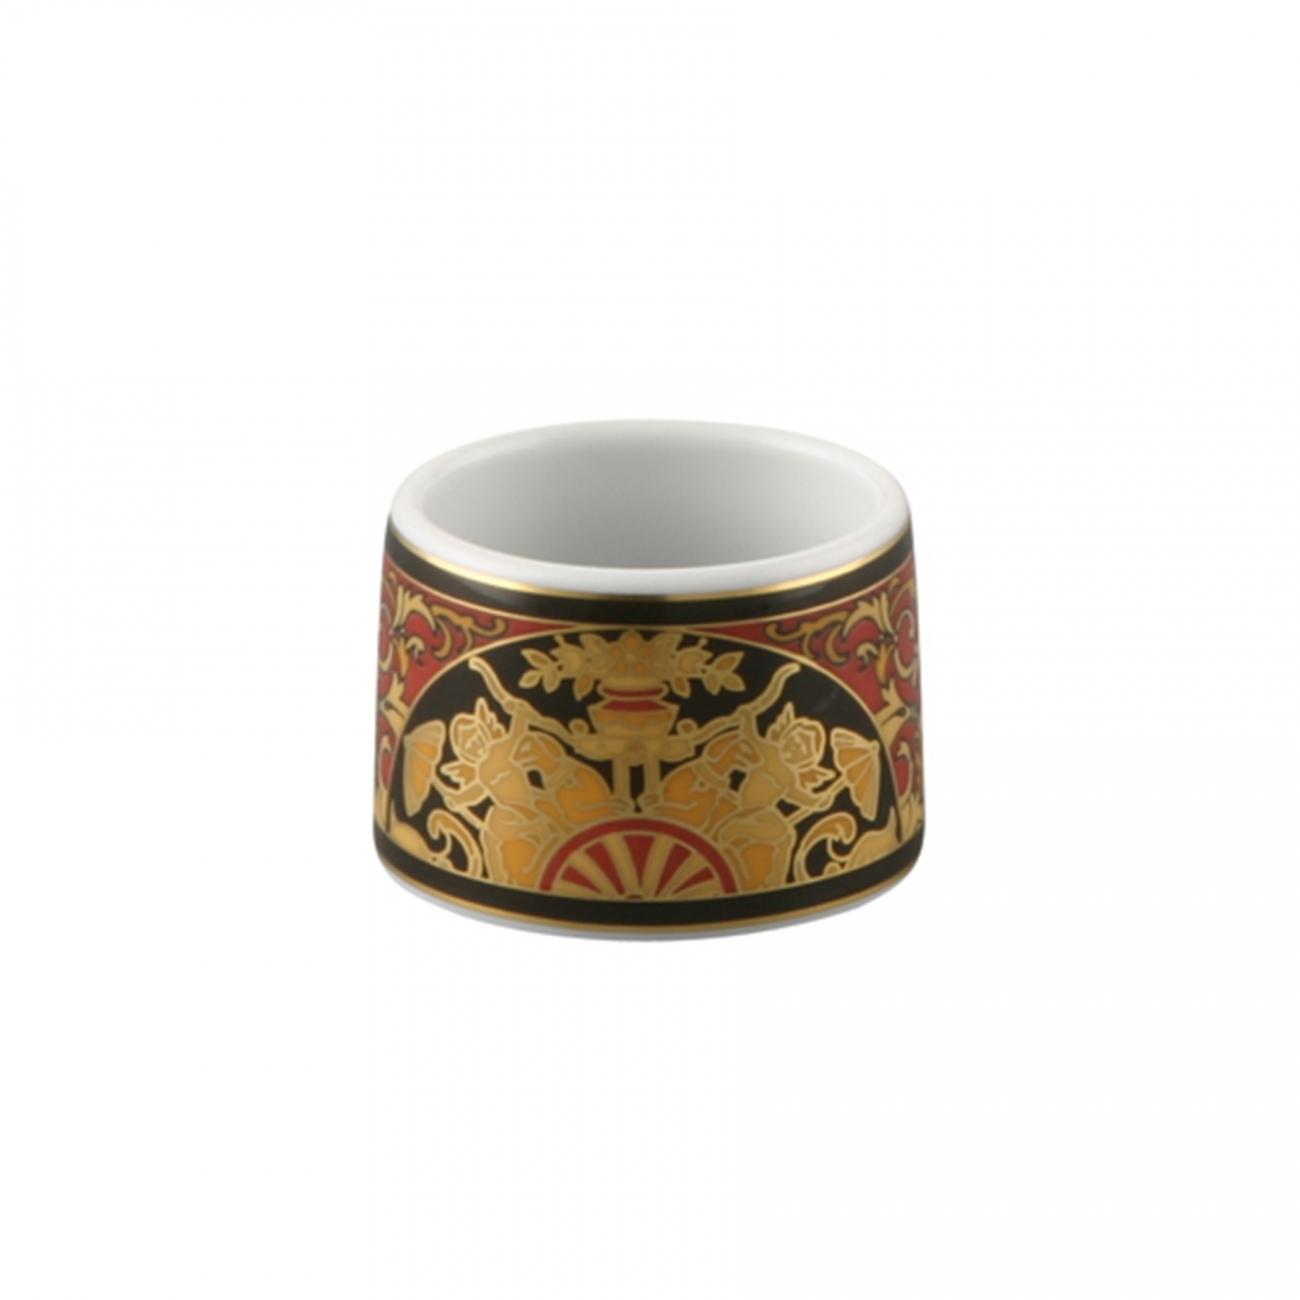 Rosenthal Versace Medusa Napkin ring